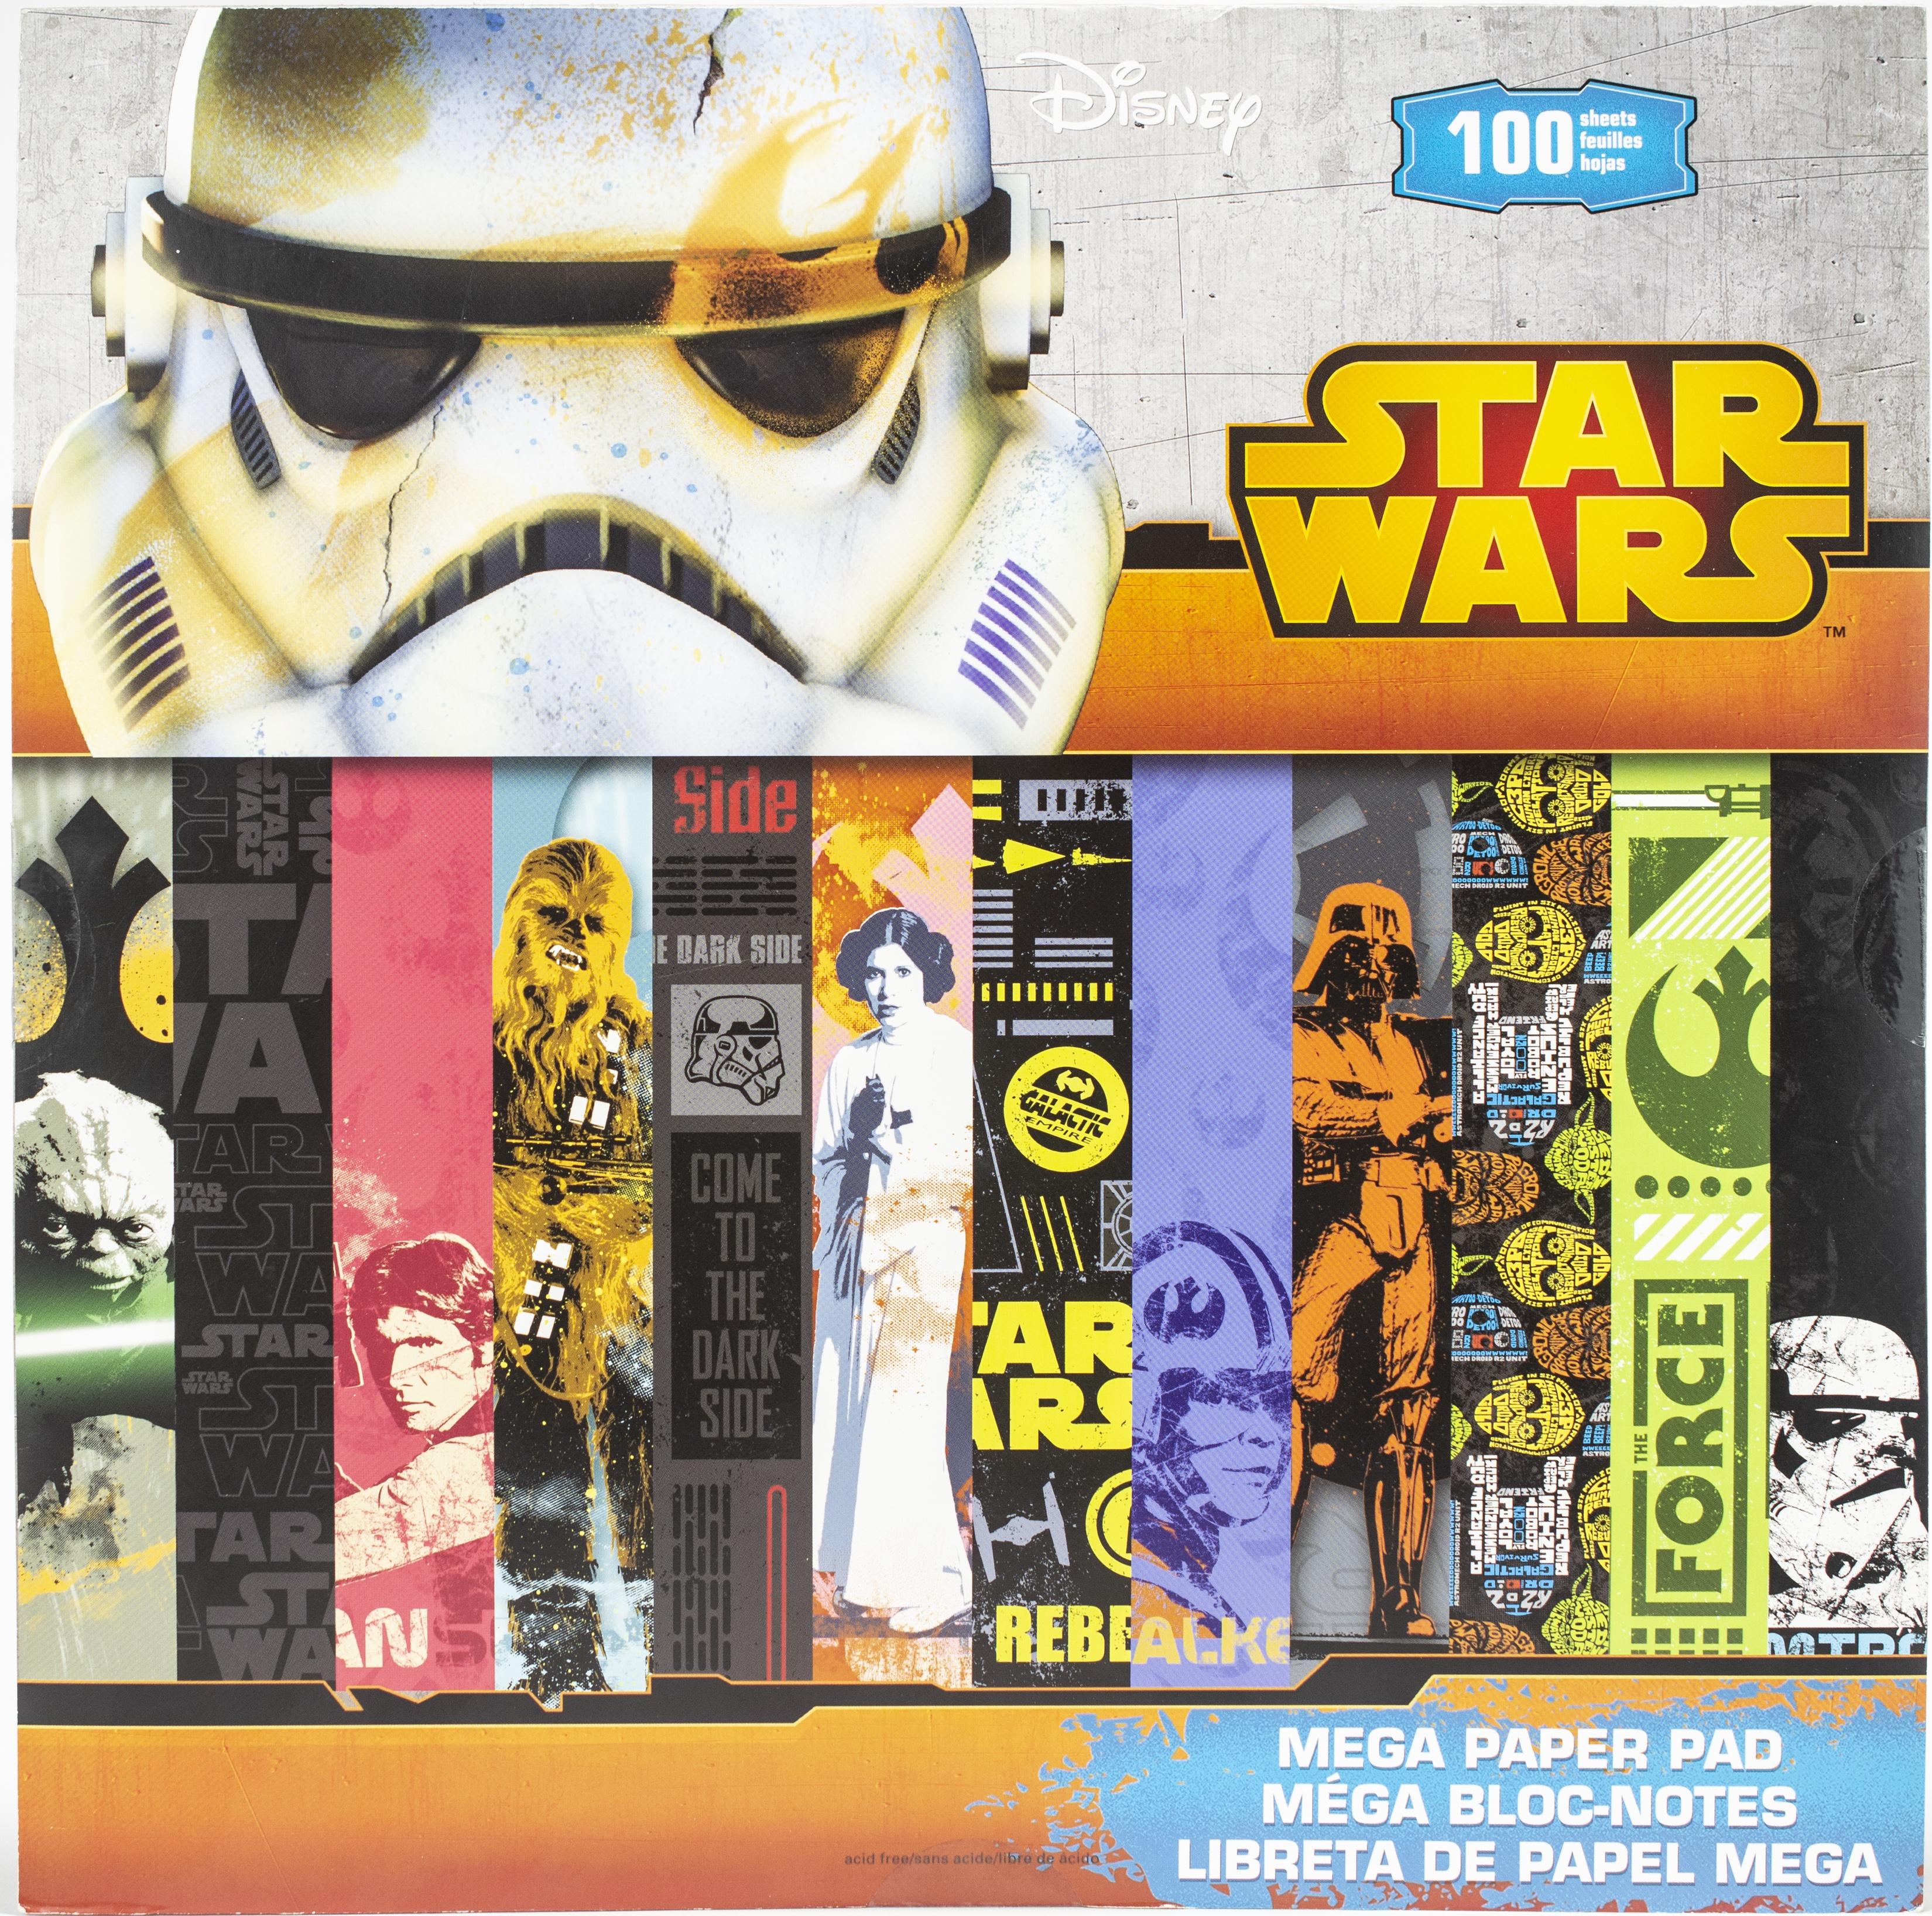 Star Wars Mega Paper Pad